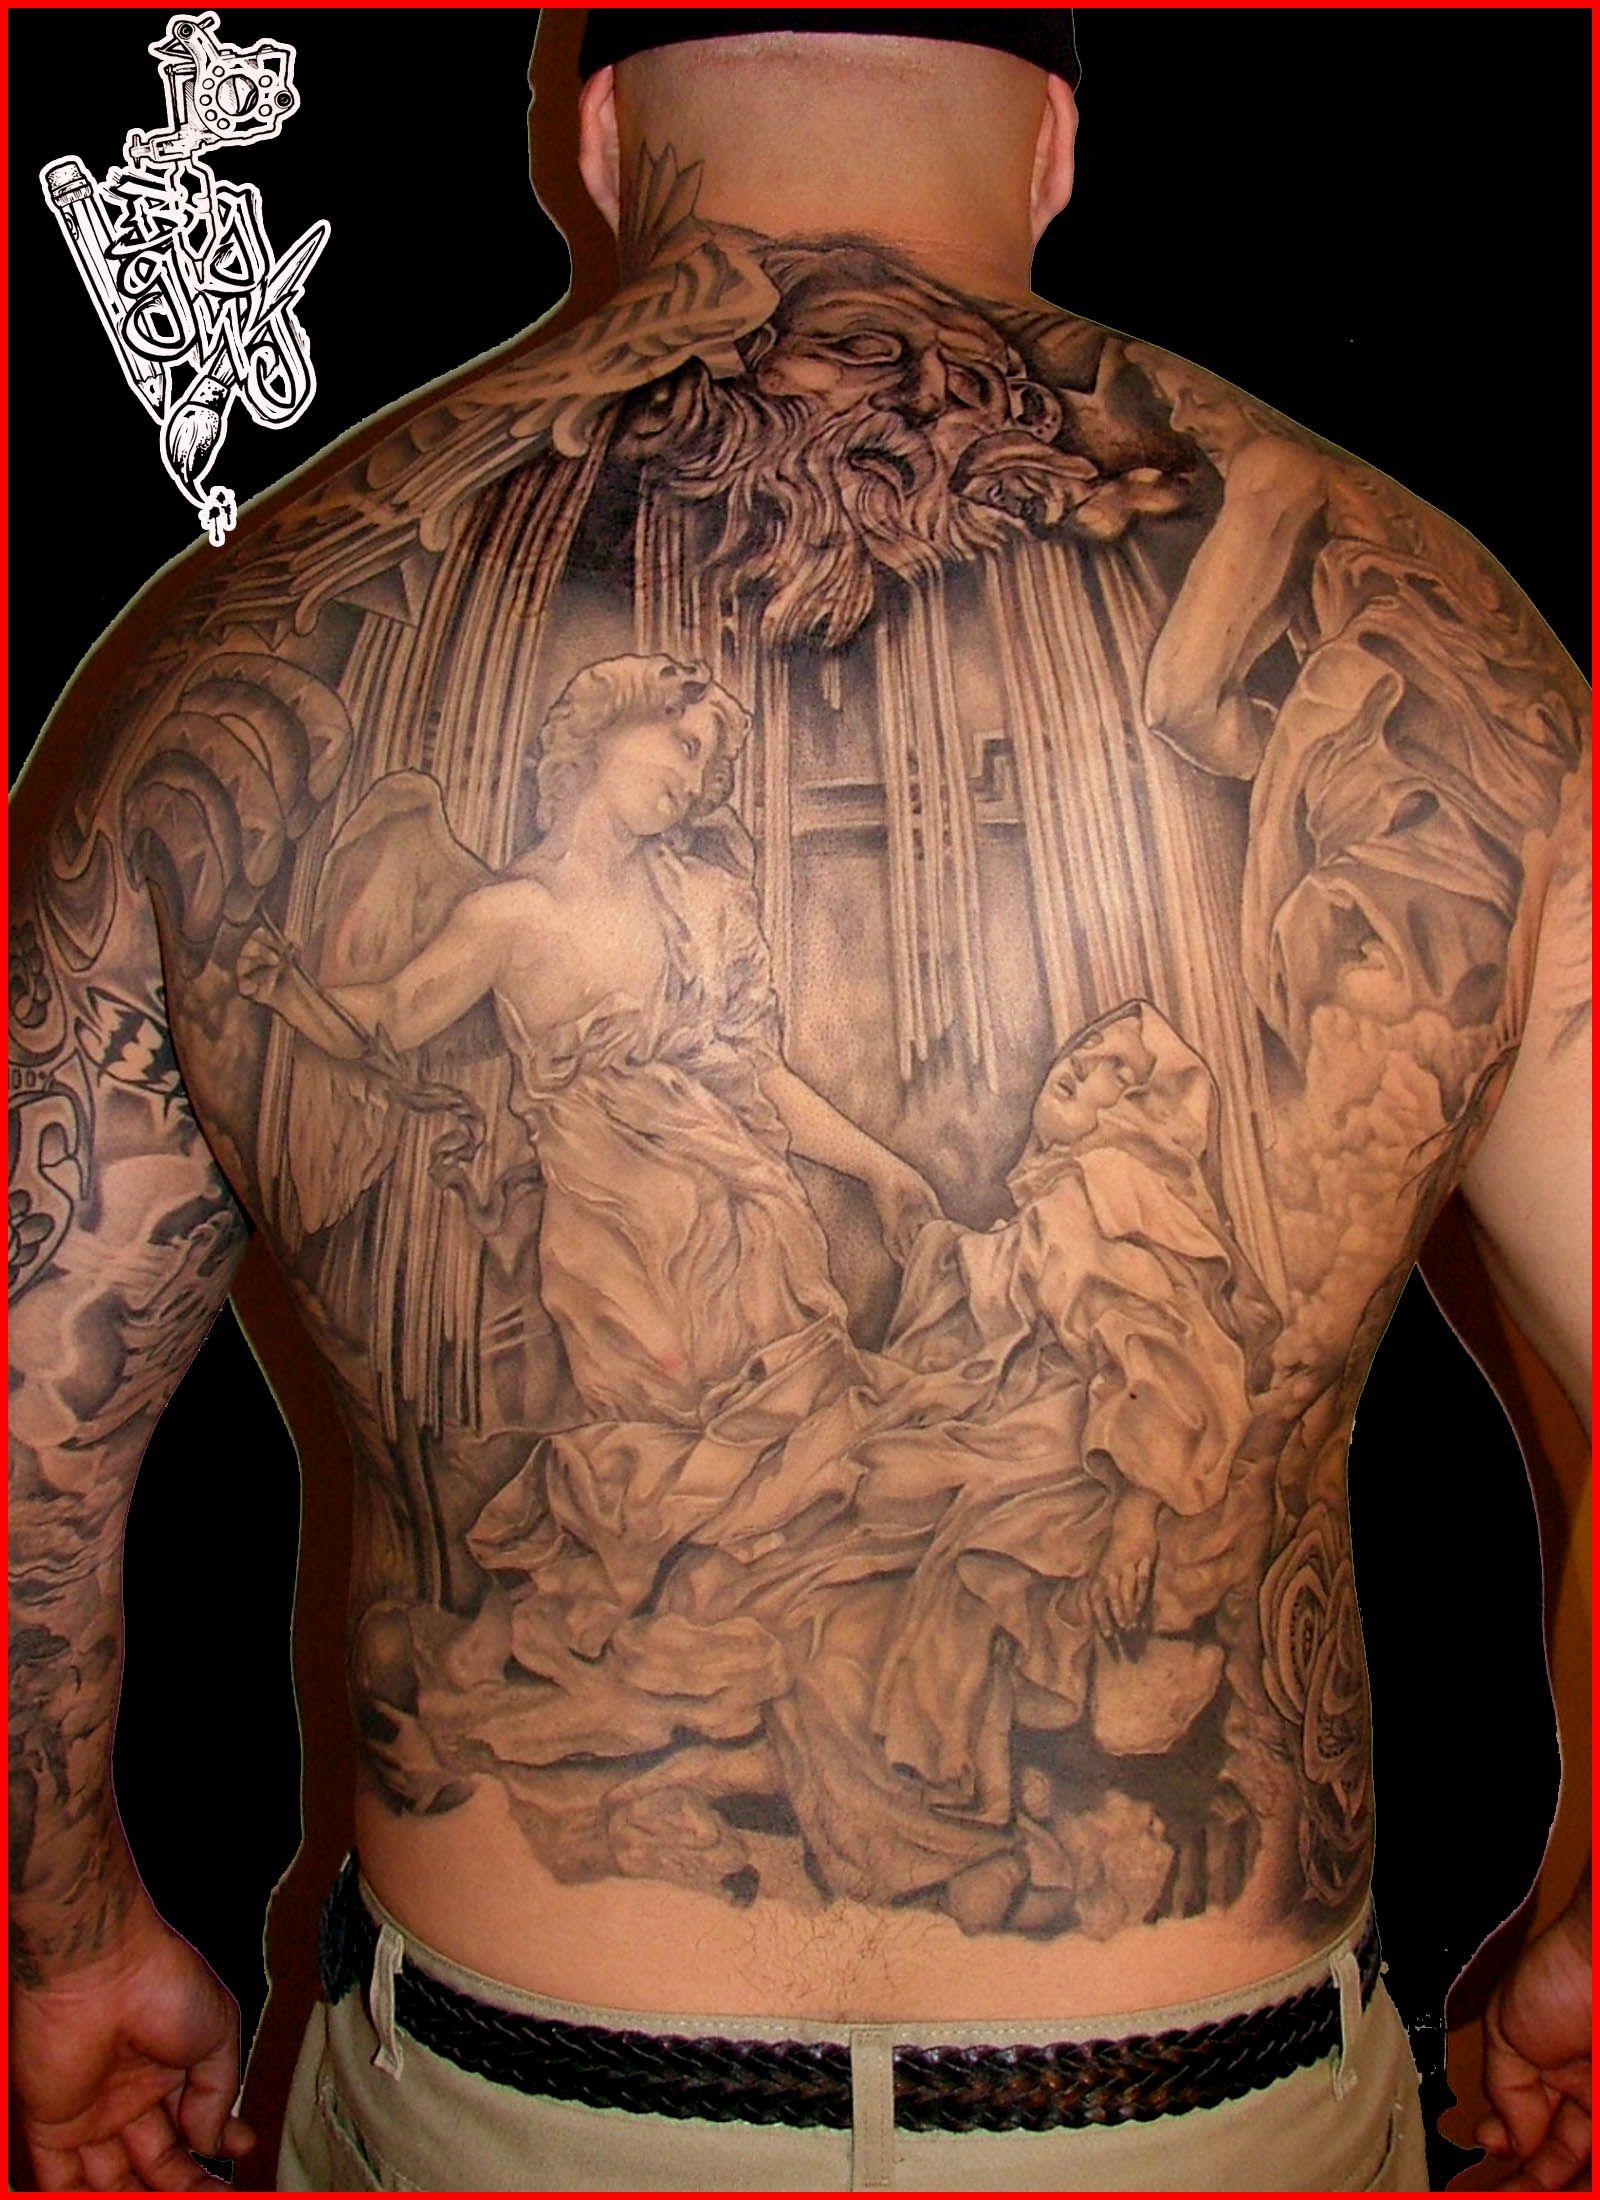 Big gus backpiece yum angel tattoo designs